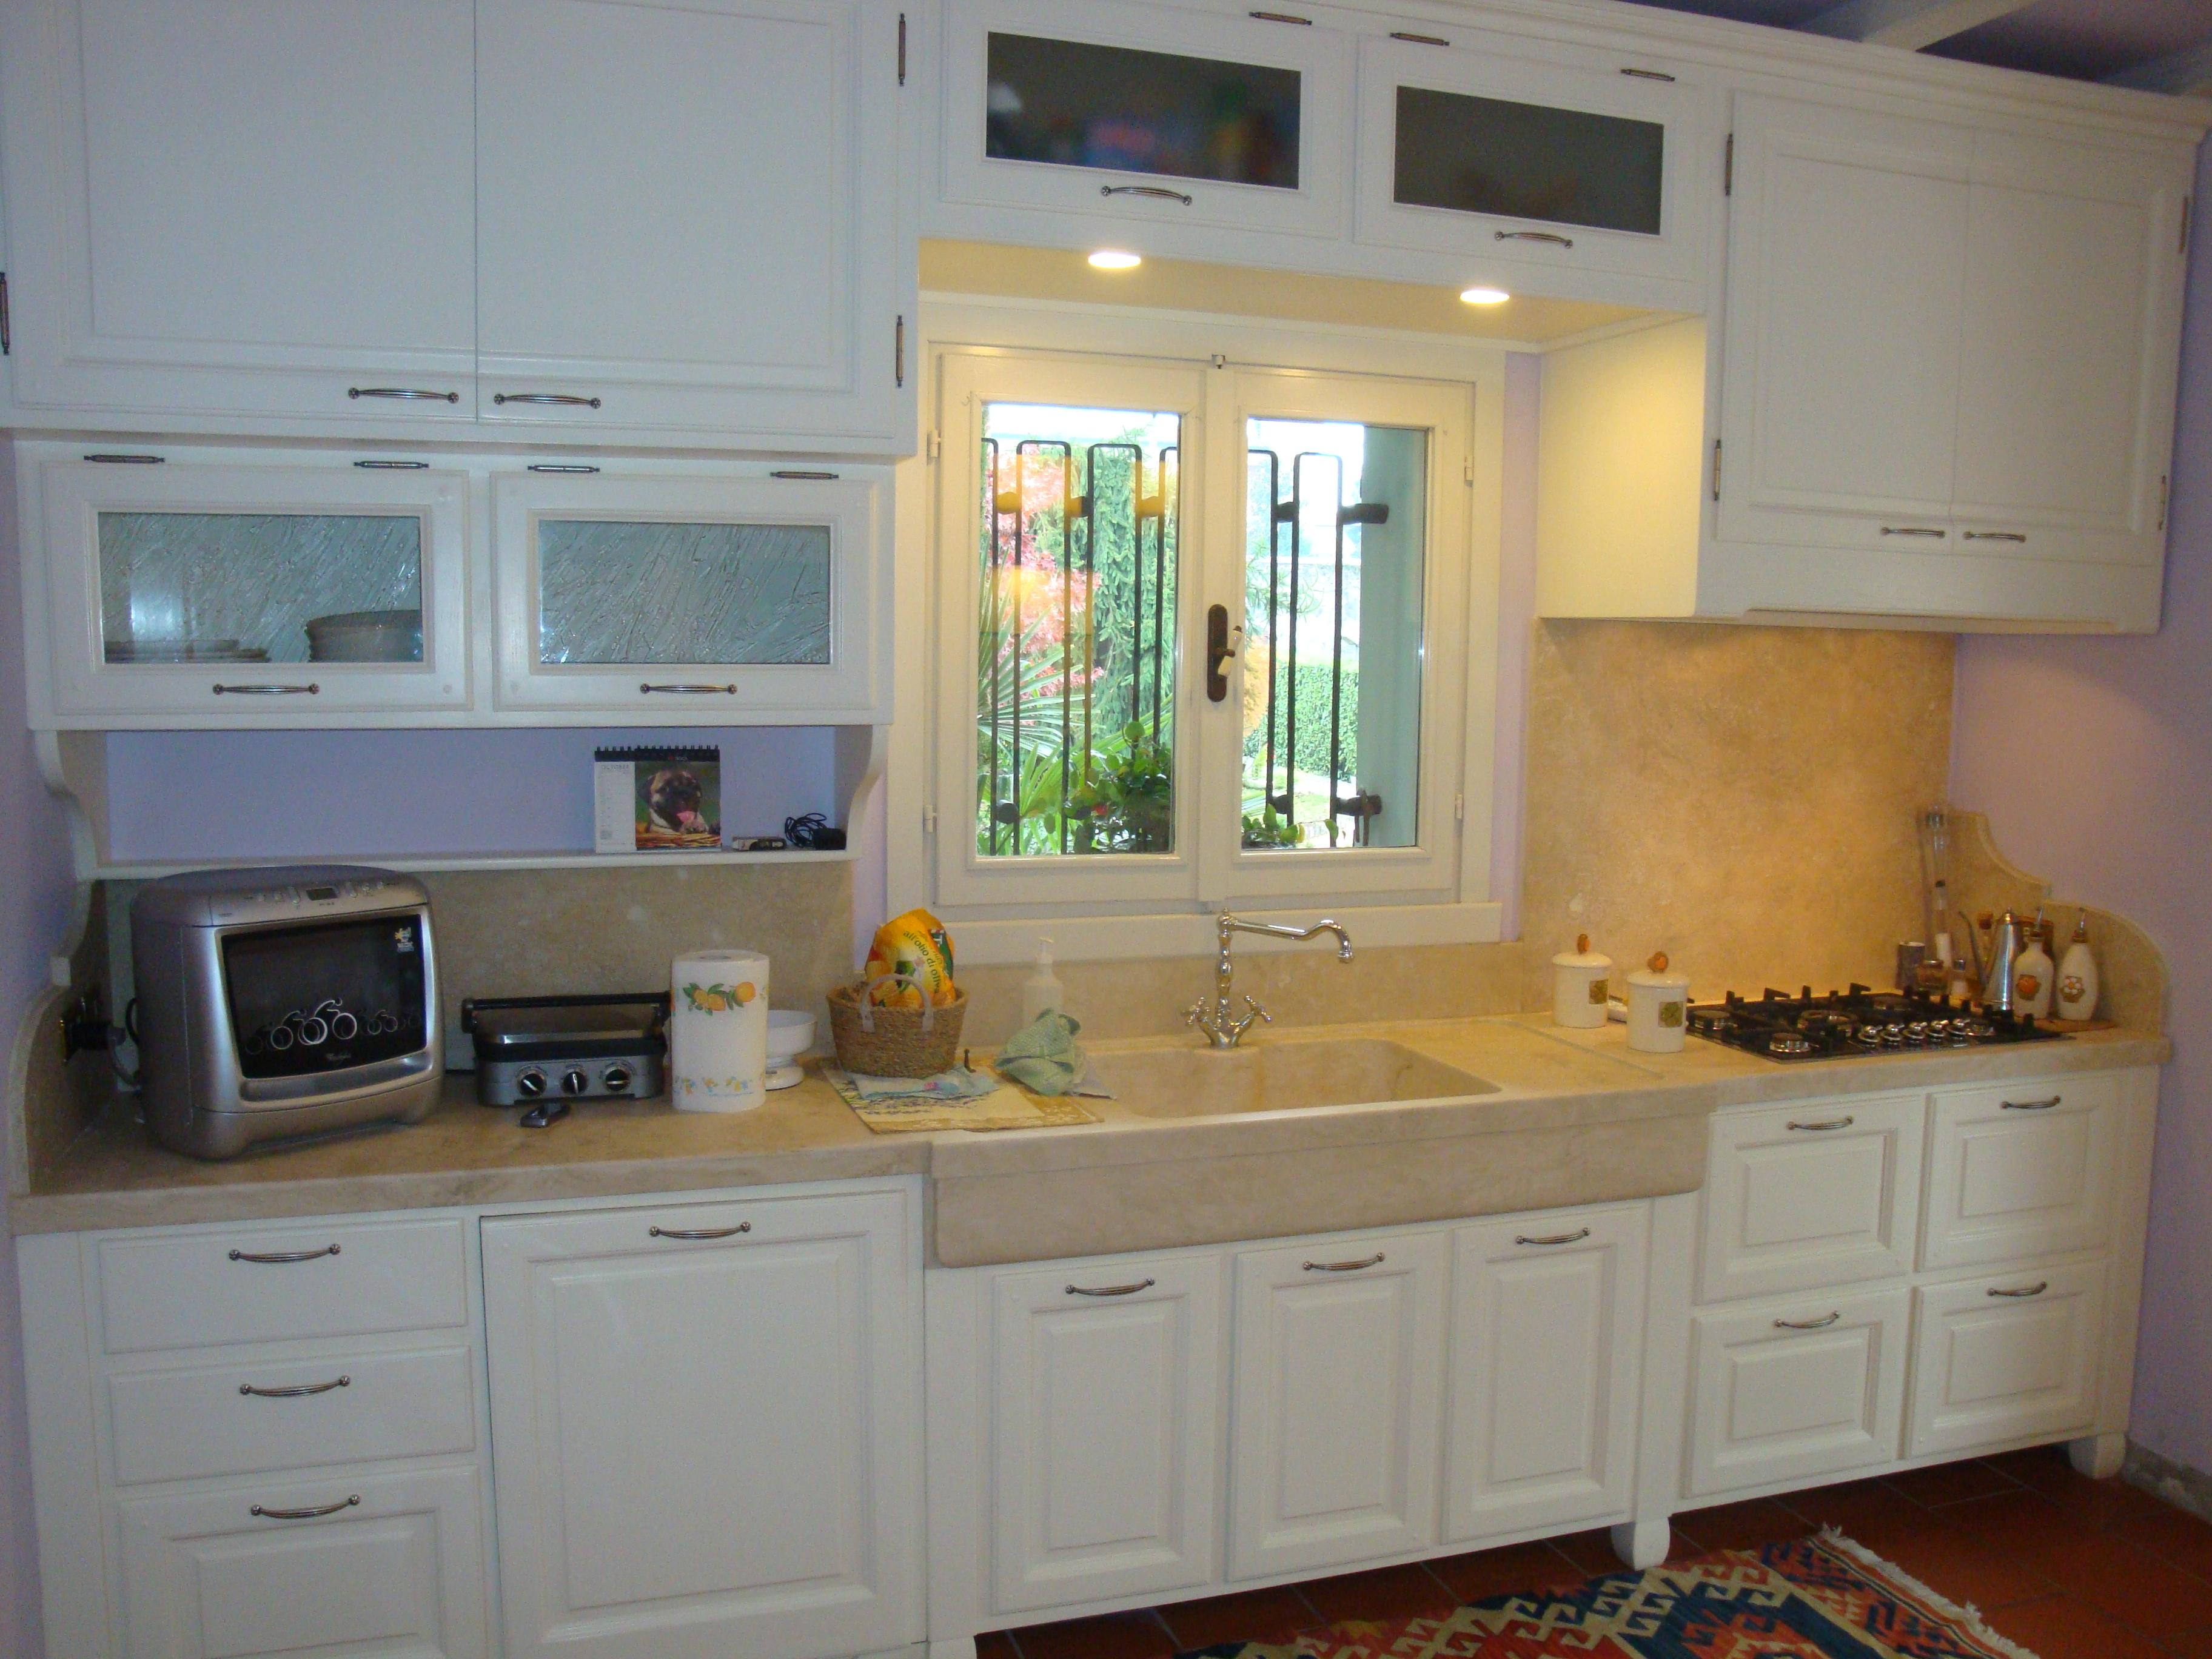 Foto cucine rustiche mobili coloniali cucine muratura - Cucine rustiche foto ...